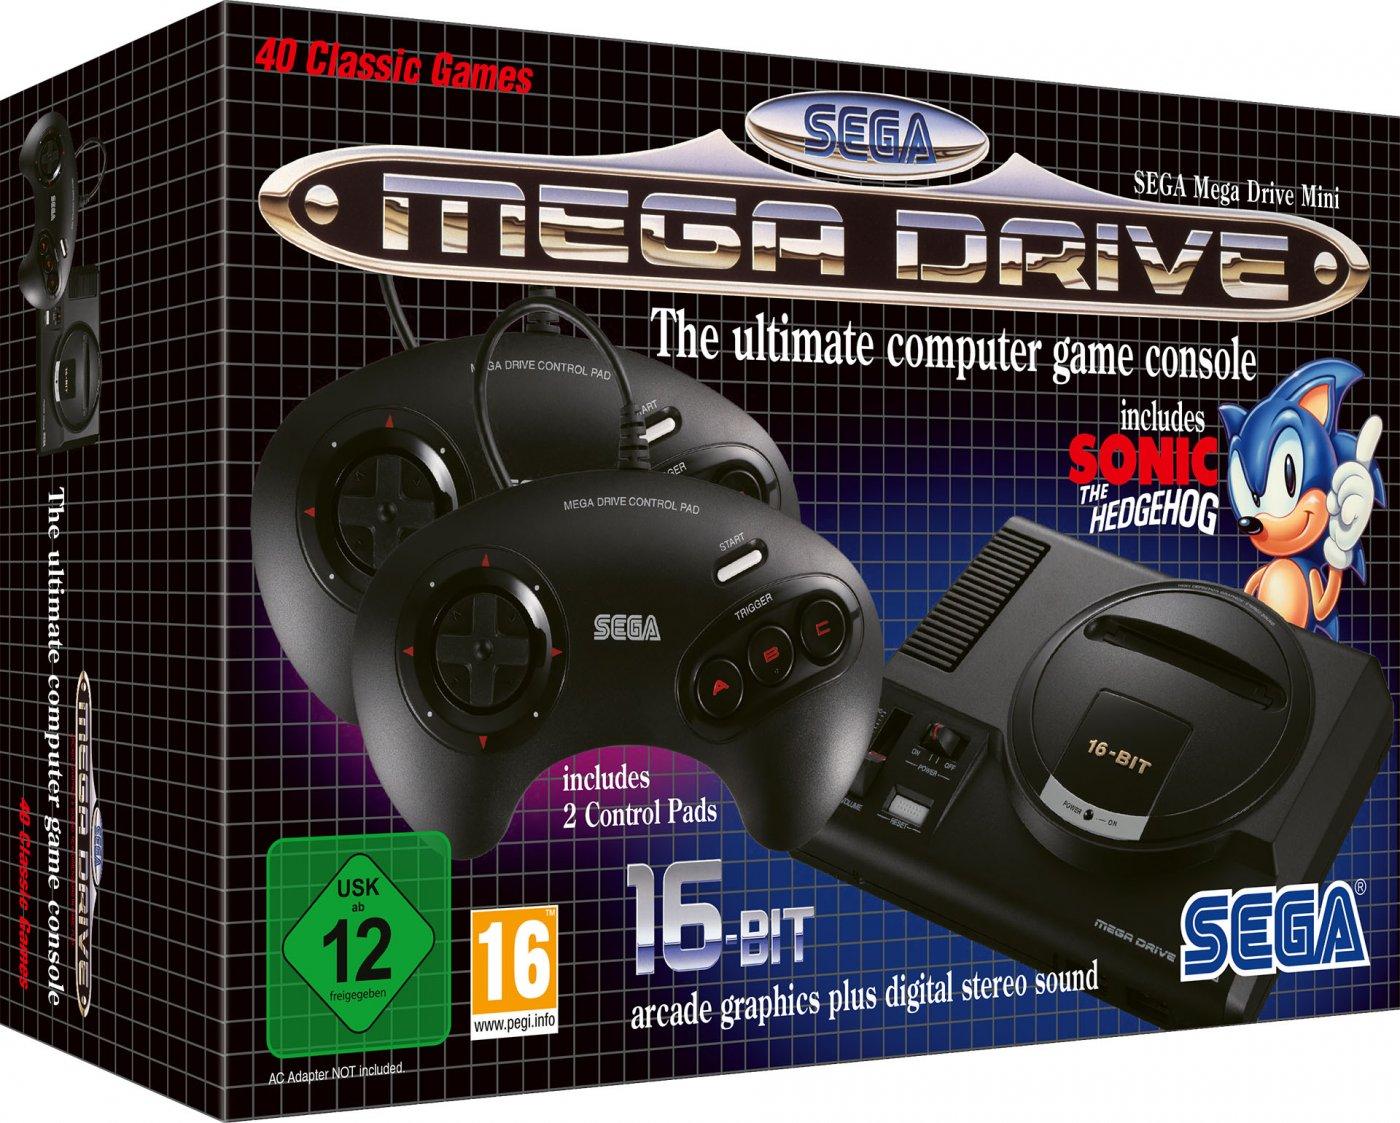 sega mega drive mini 11 jpg 1400x0 q85 - In arrivo Sega Mega Drive Mini